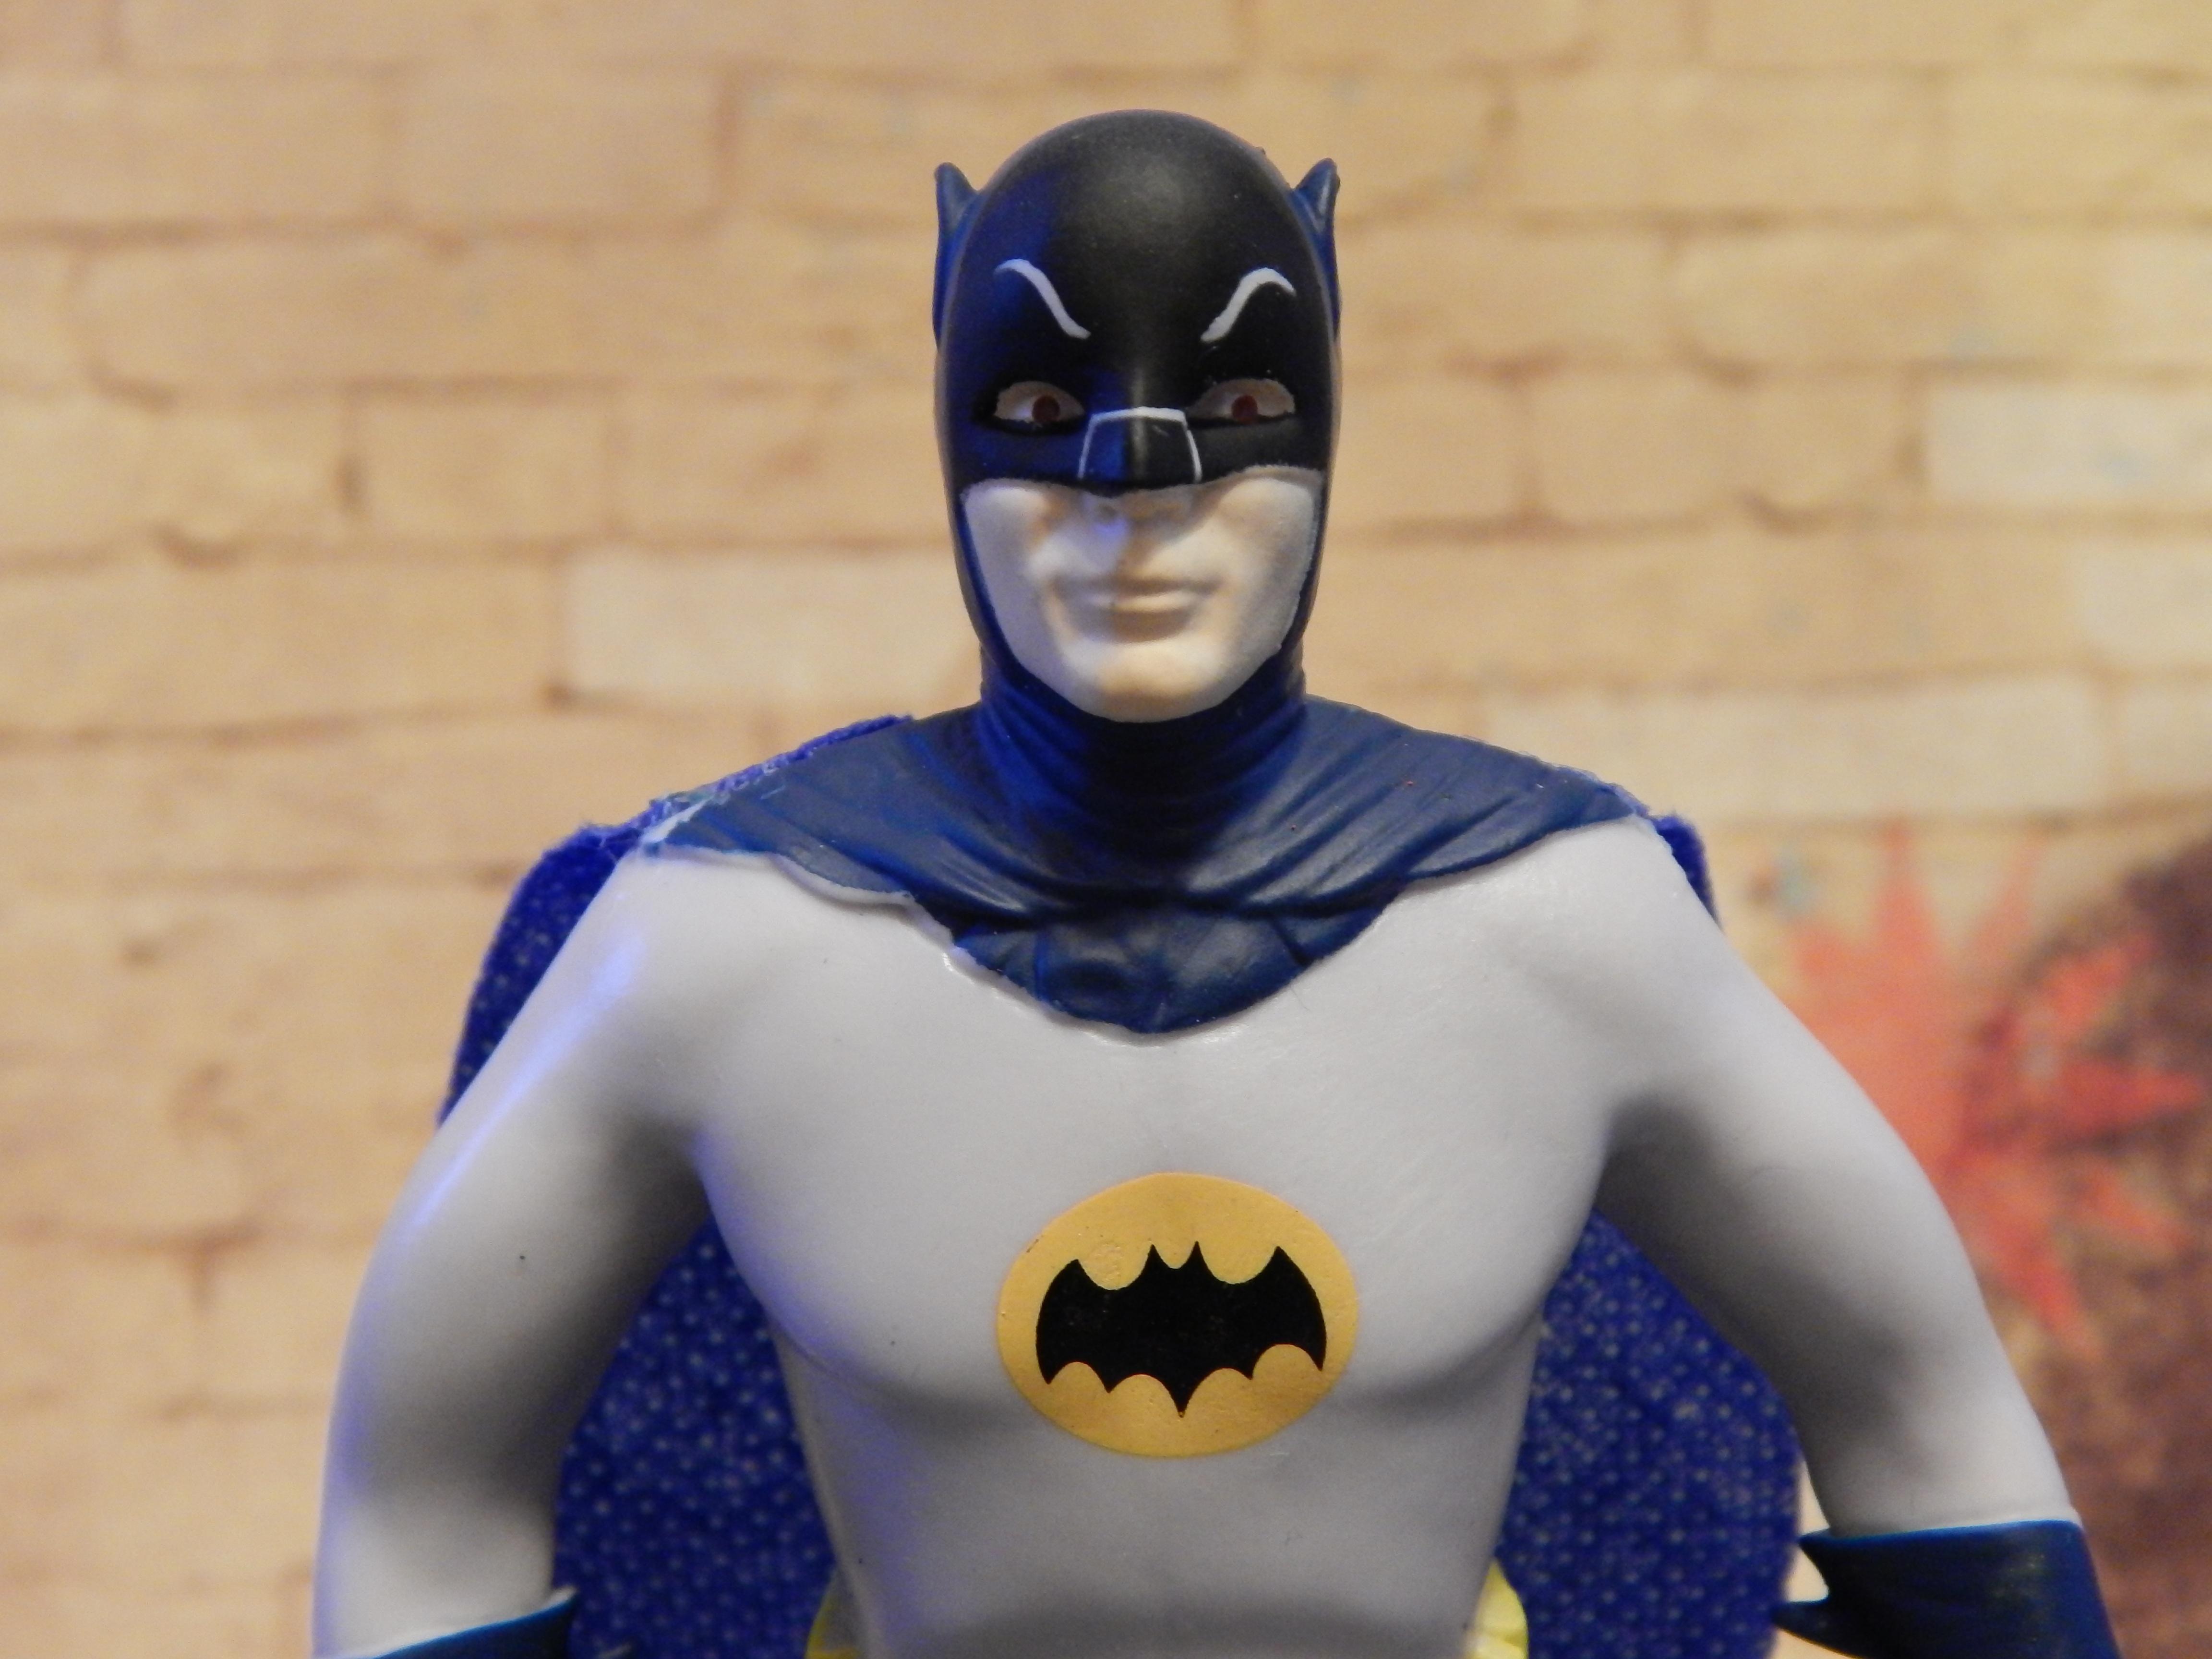 muž mužský modrý hračka Bat-man maska přestrojení akční figurka charakter  netopýr kostým komik pelerína 2738e73d81c